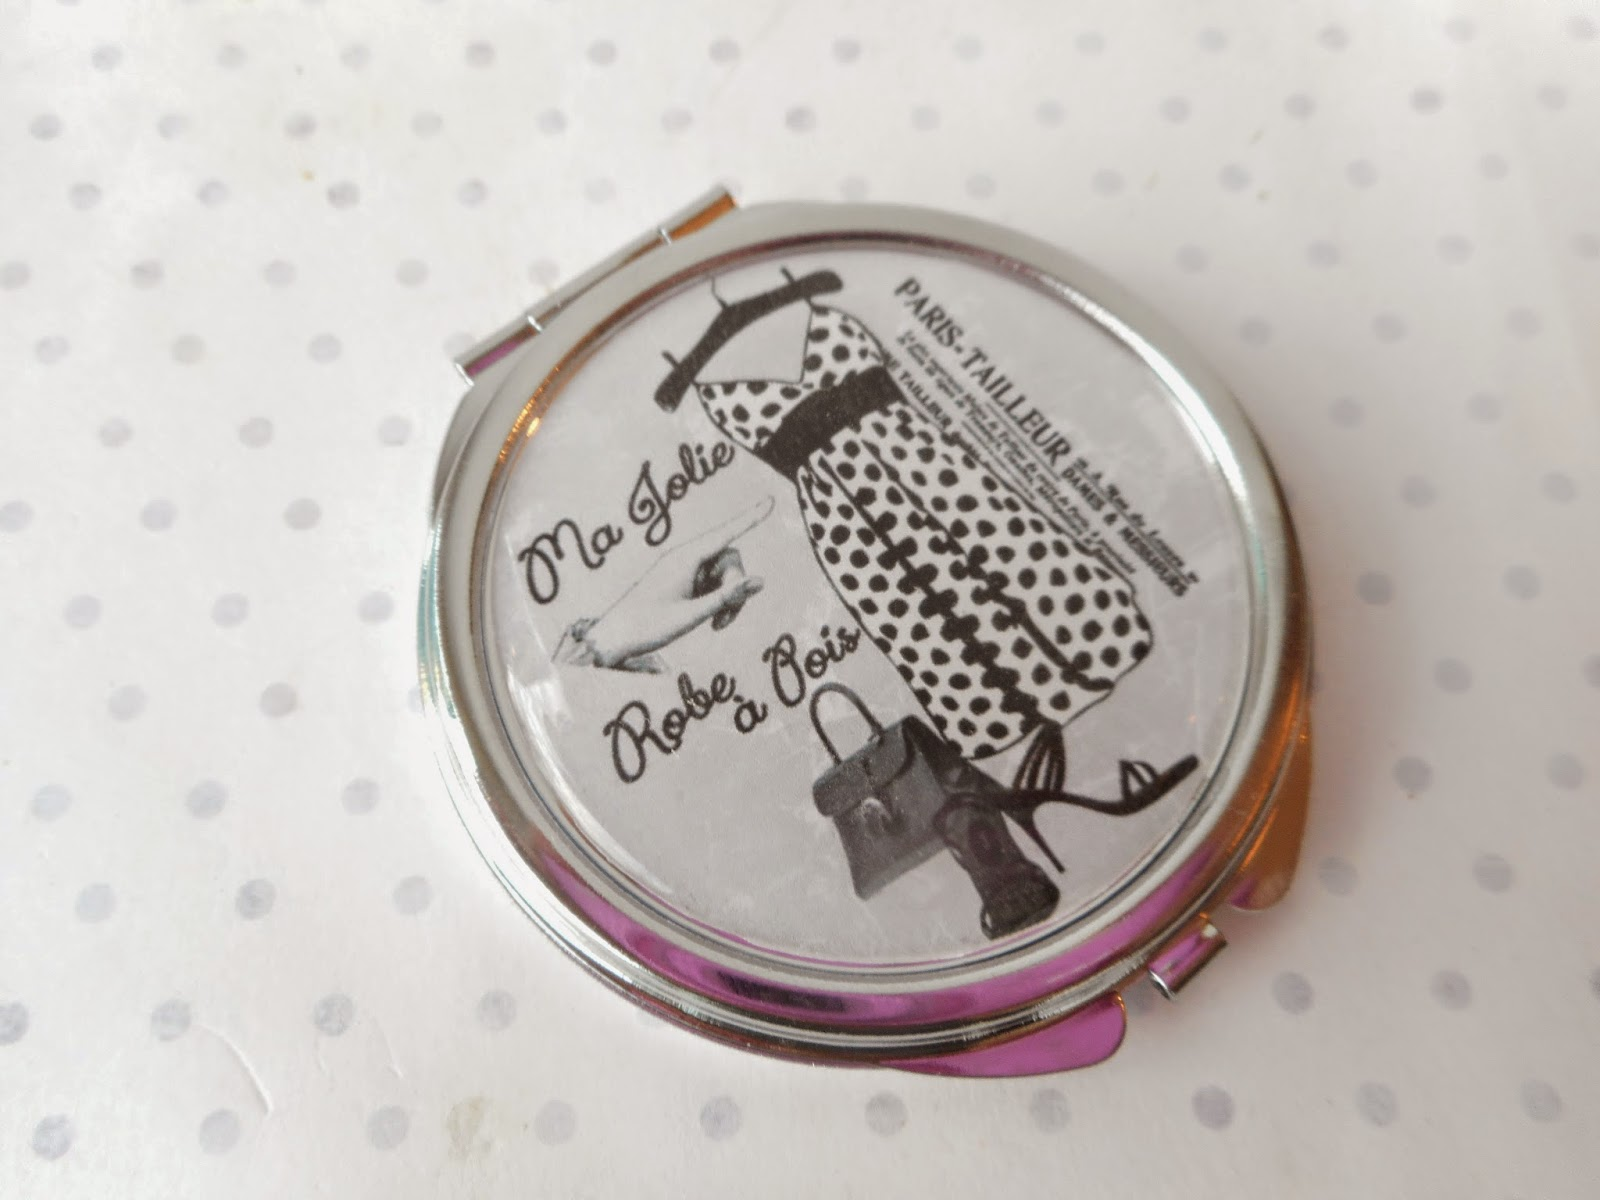 http://www.alittlemarket.com/autres-accessoires/fr_miroir_de_poche_cabochon_resine_ma_jolie_robe_a_pois_noir_gris_blanc_argente_-14656815.html